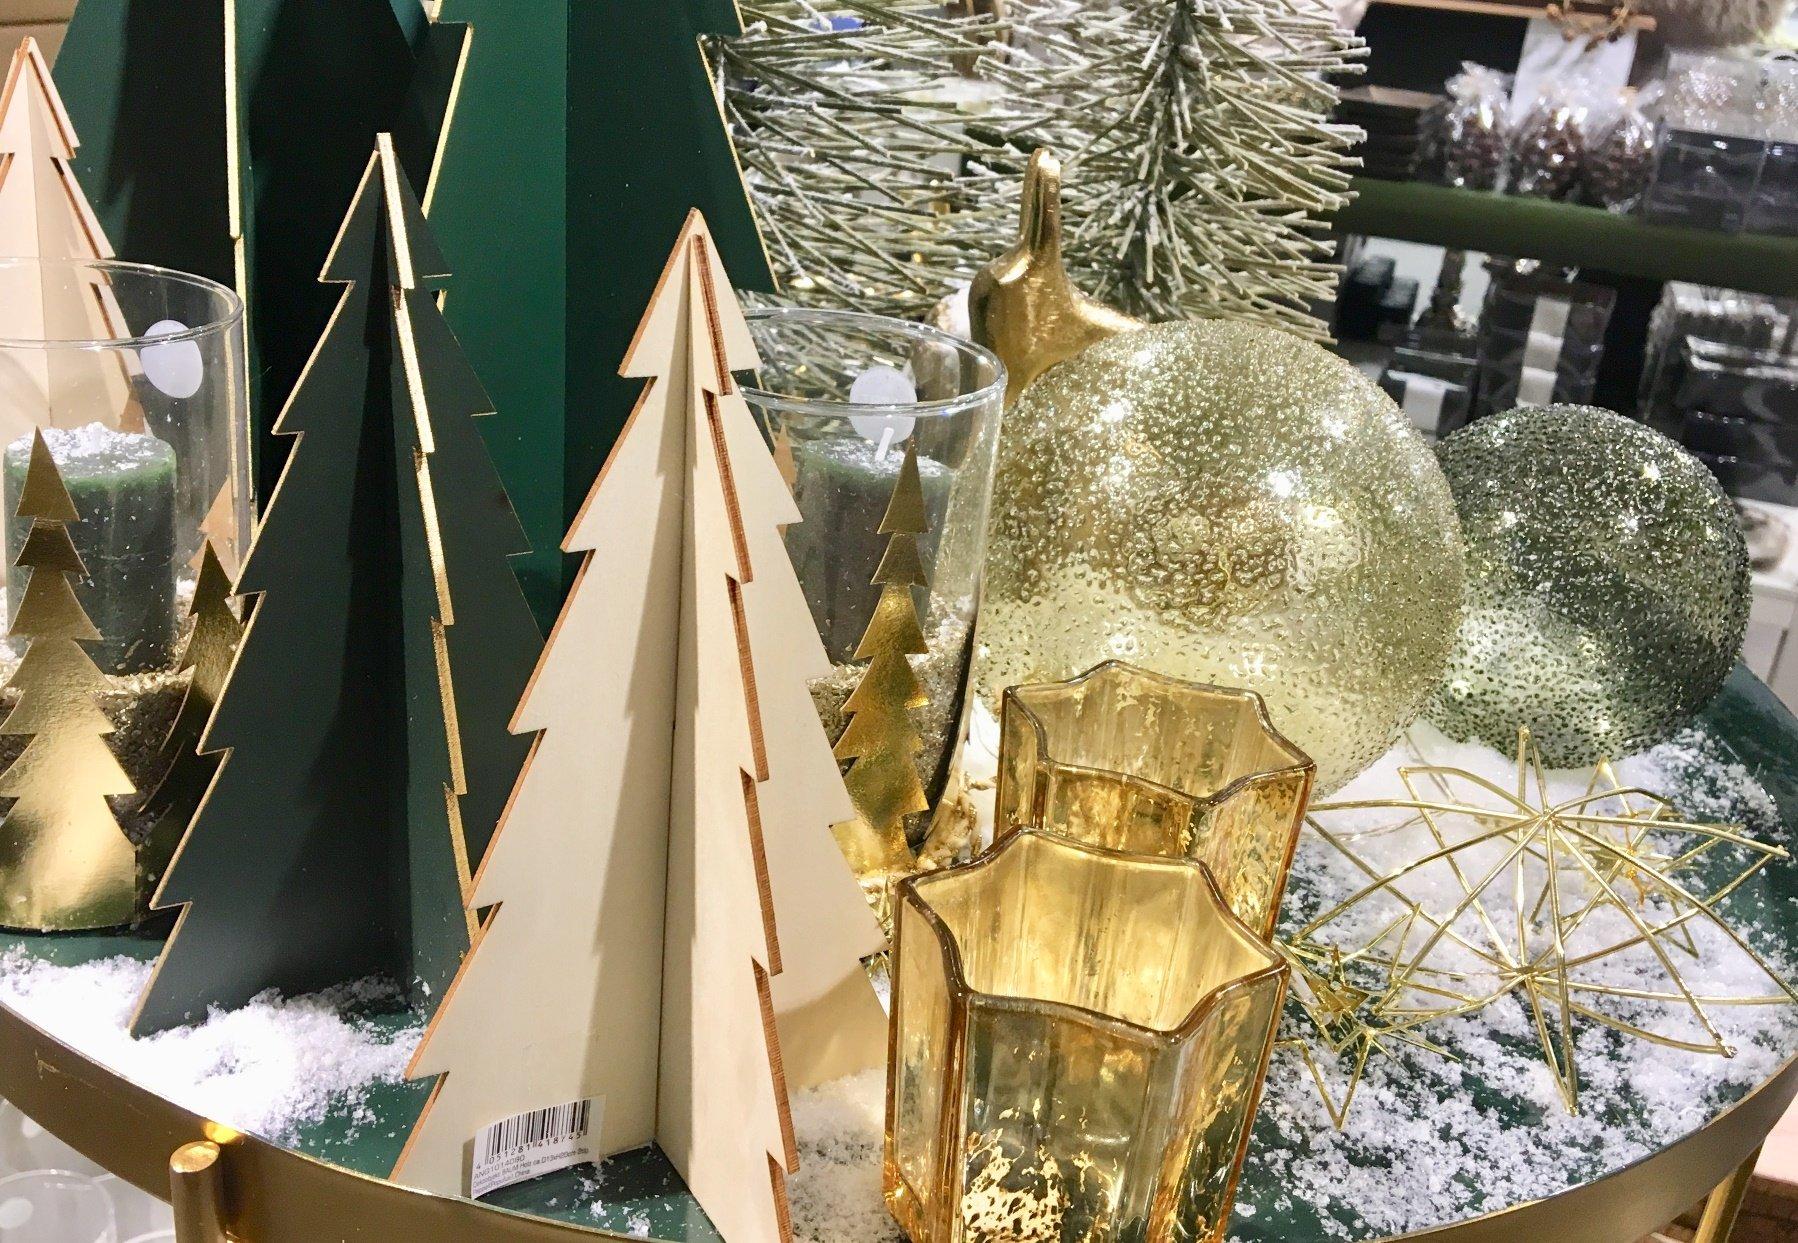 Foto 02.11.17 18 57 44 - Ist den schon Weihnachten? In den Läden weihnachtet es schon so....